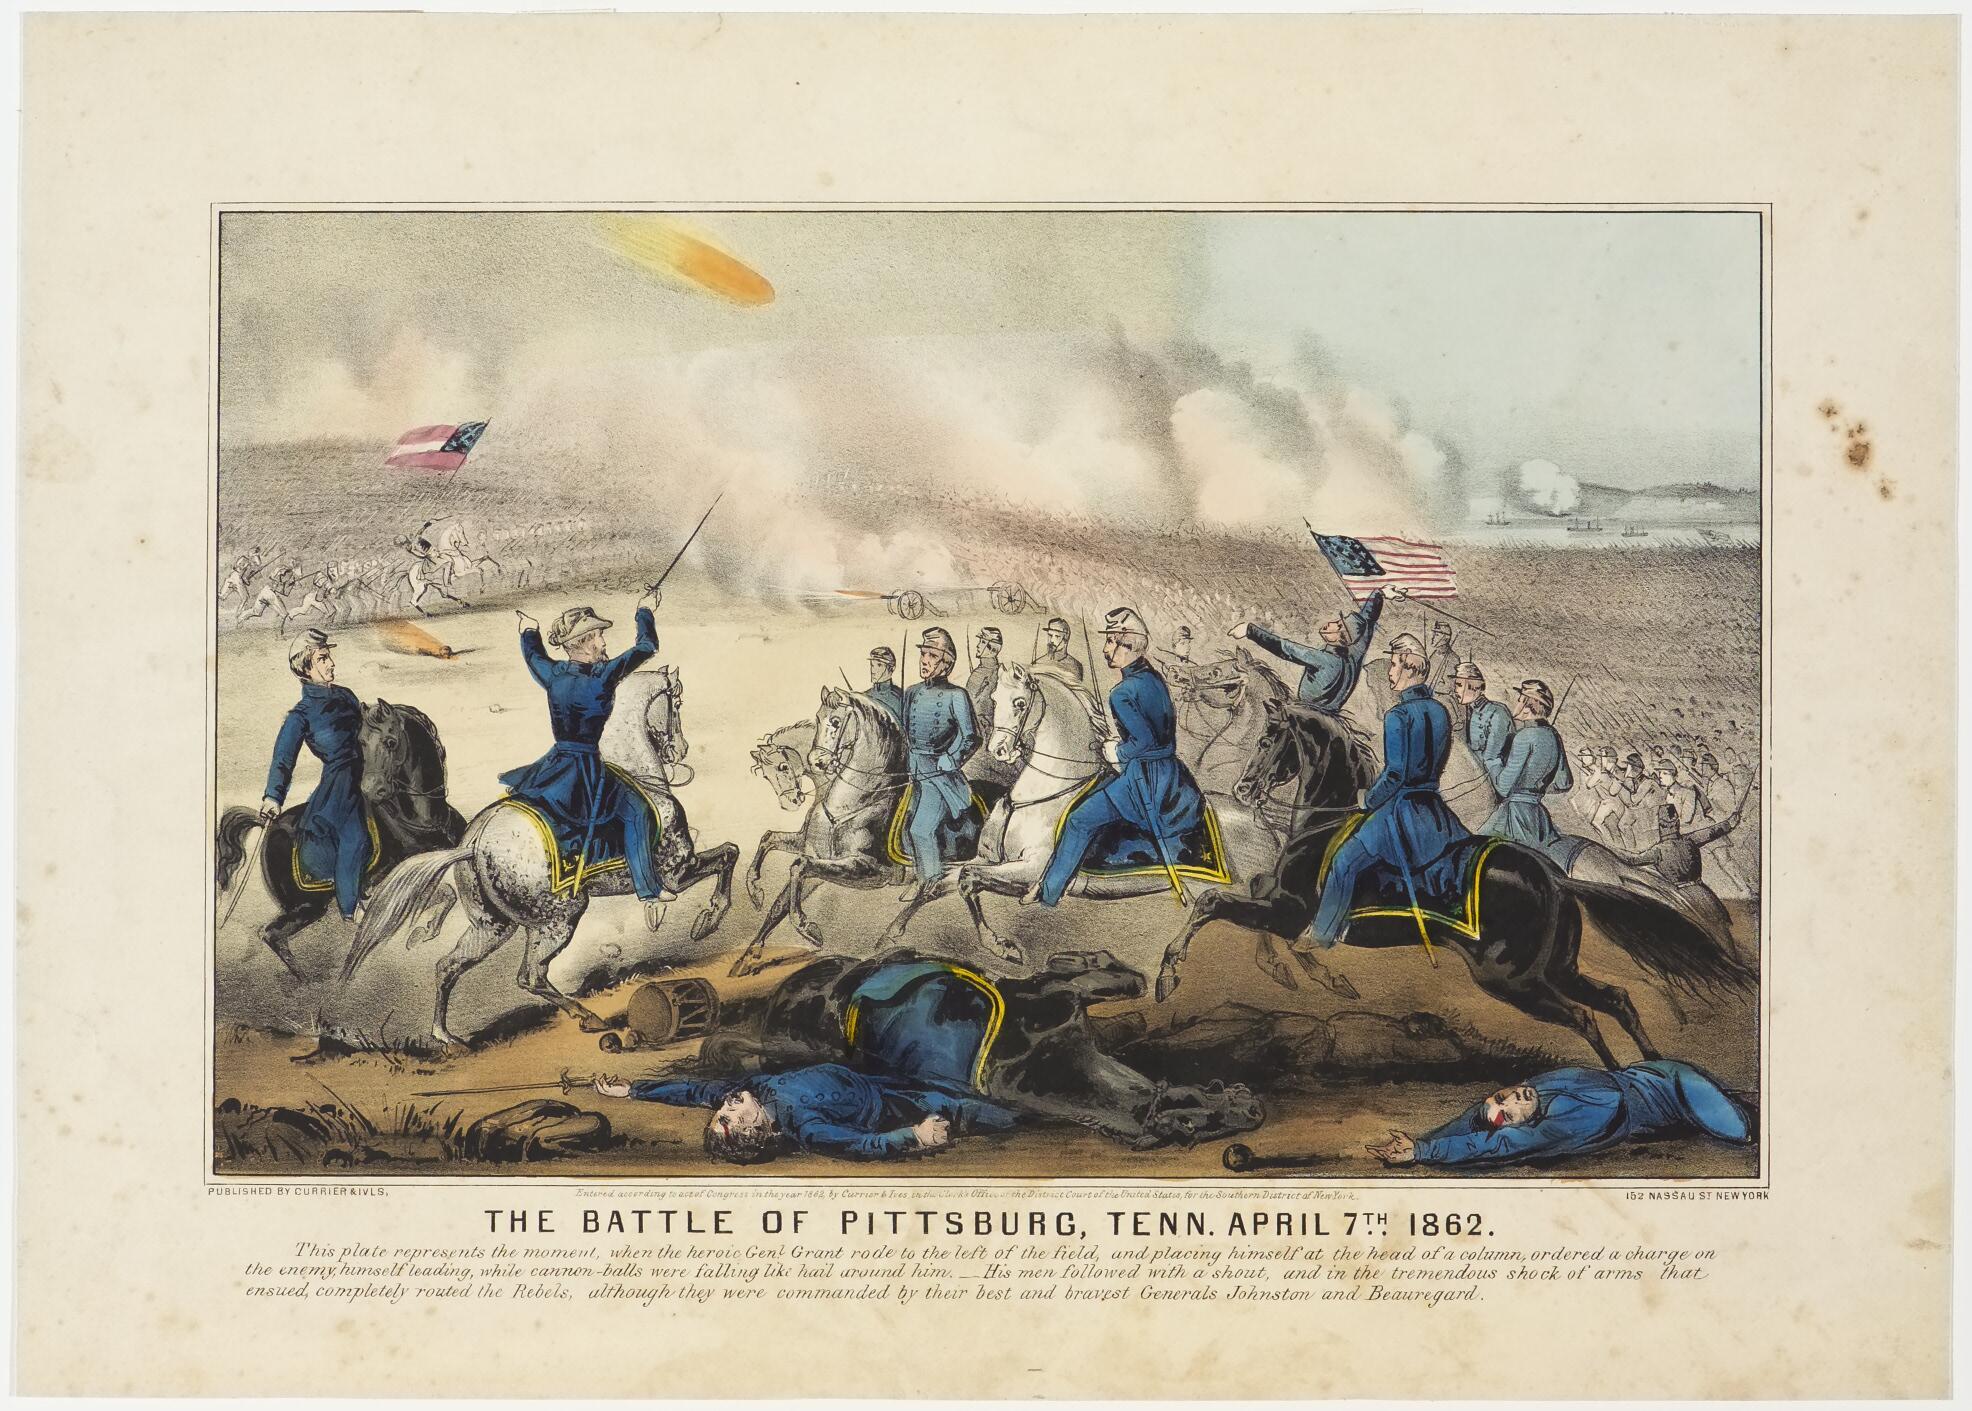 Battle scene in foreground